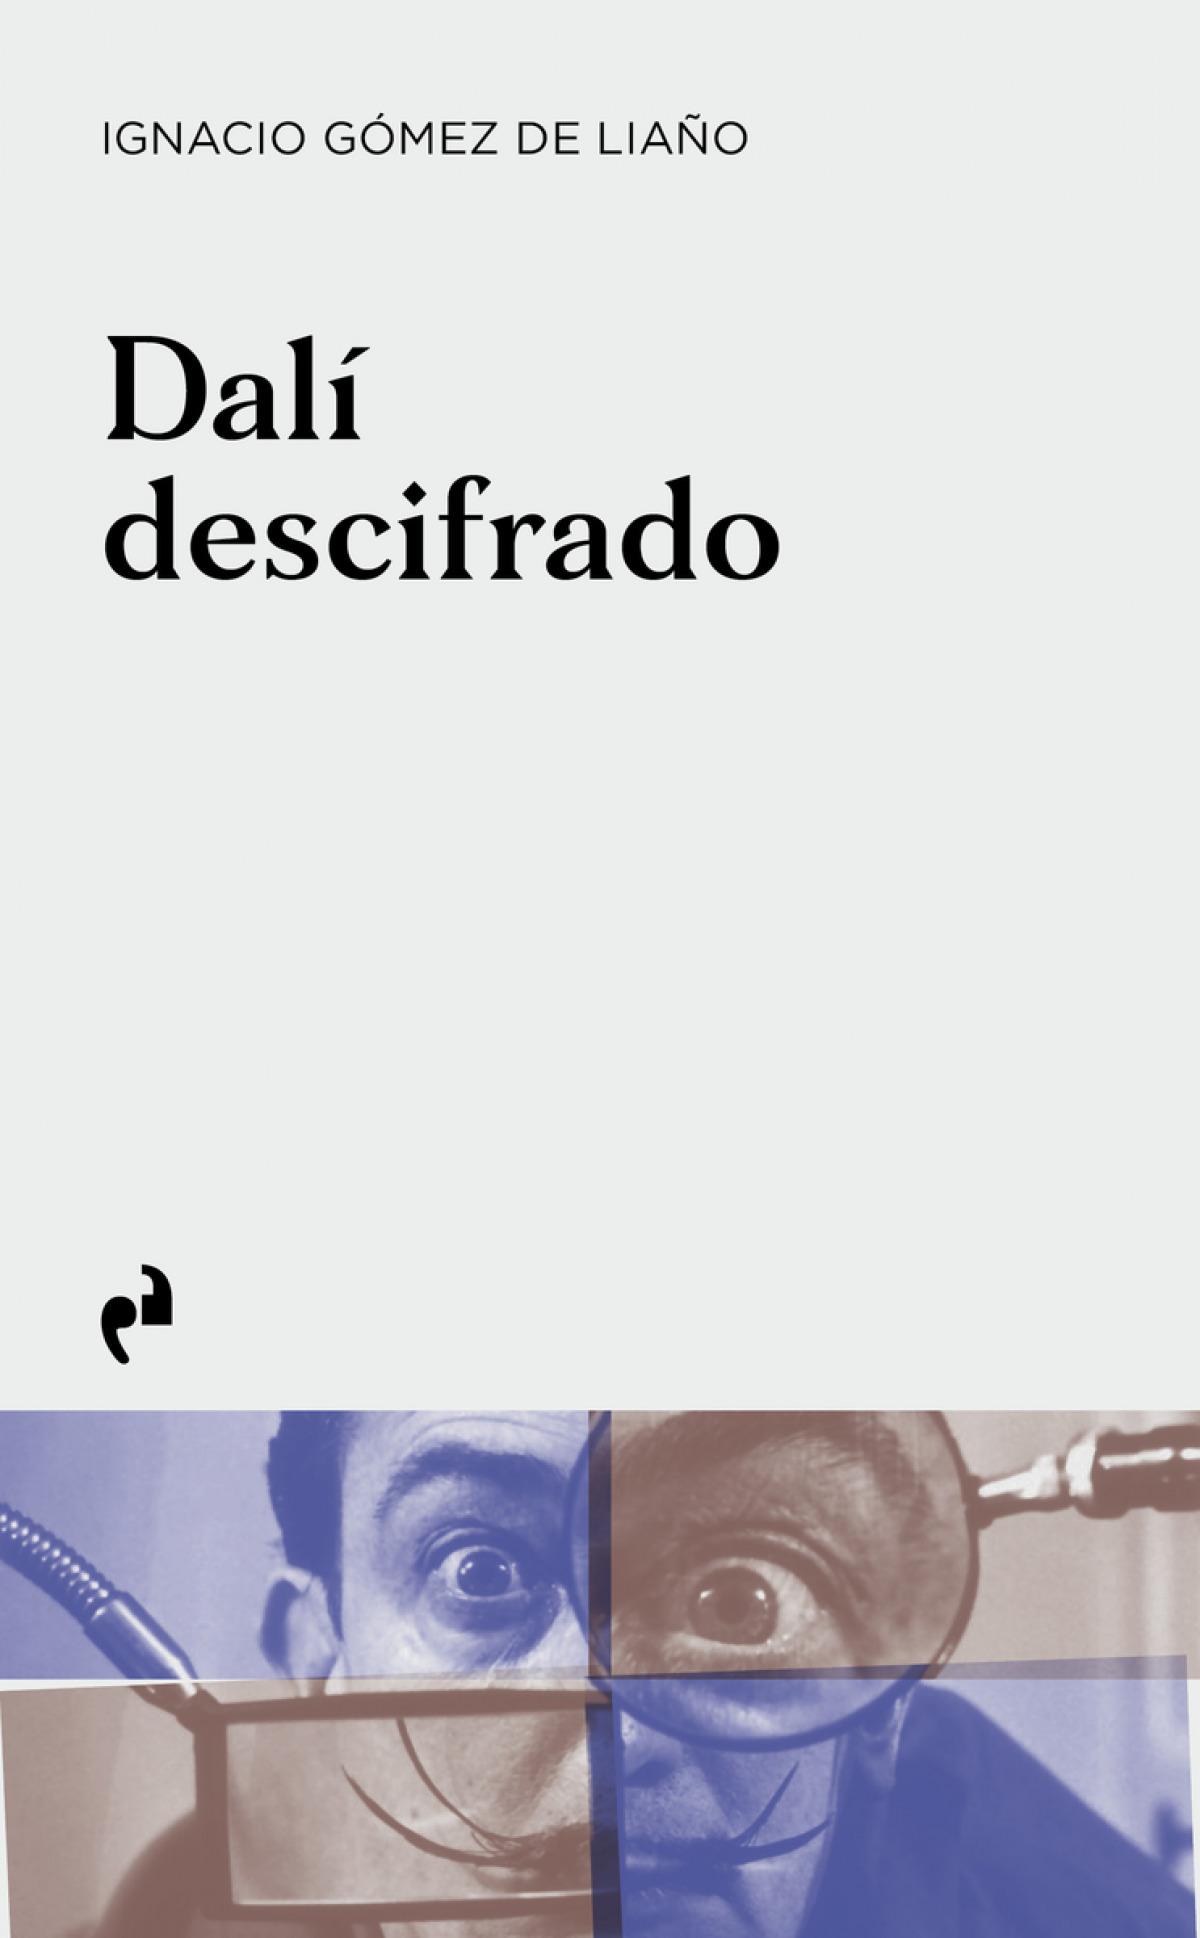 DALÍ DESCIFRADO